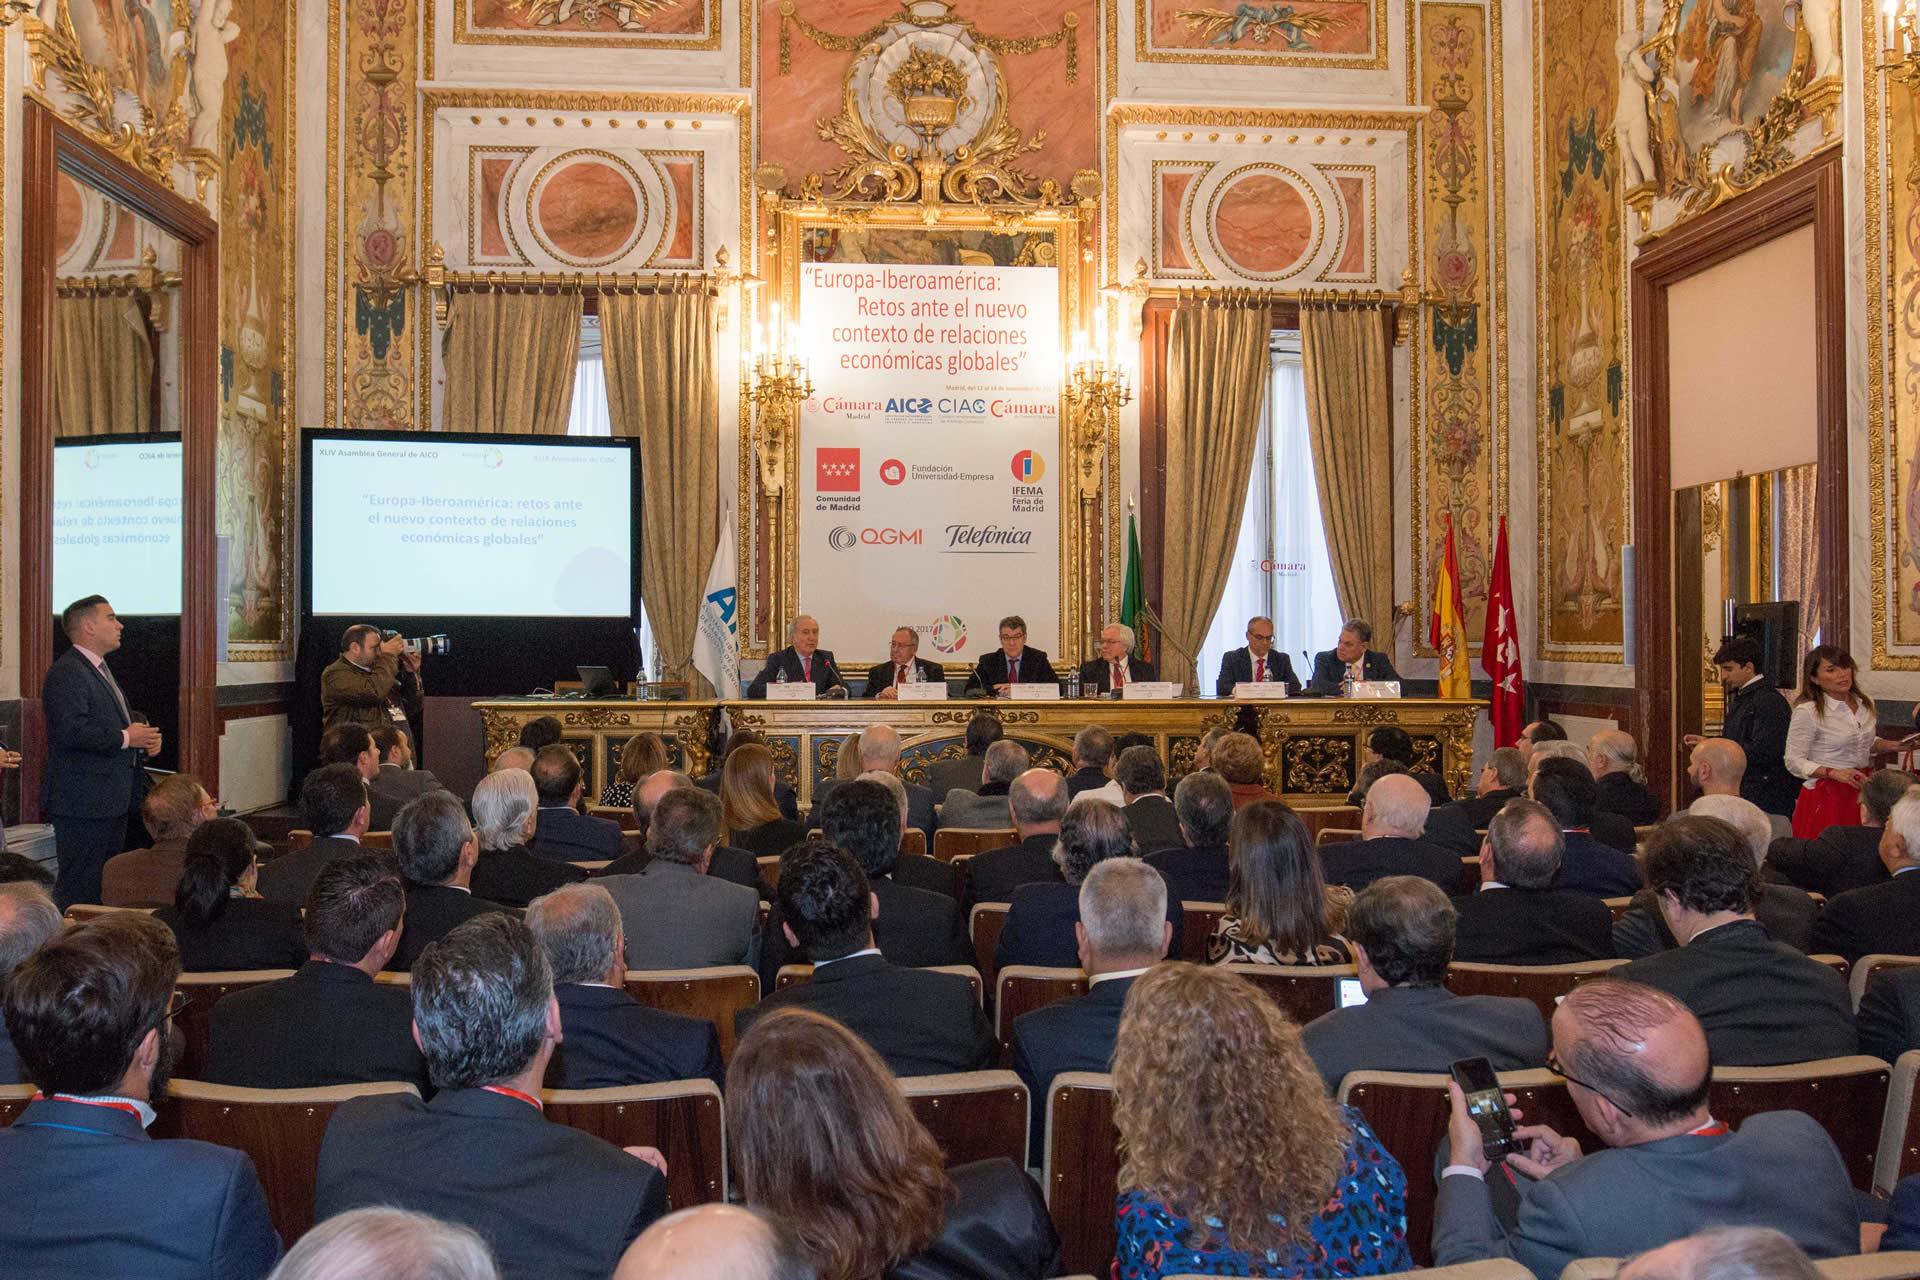 Imagen cumbre Europa-Iberoamérica en el Palacio de Santoña